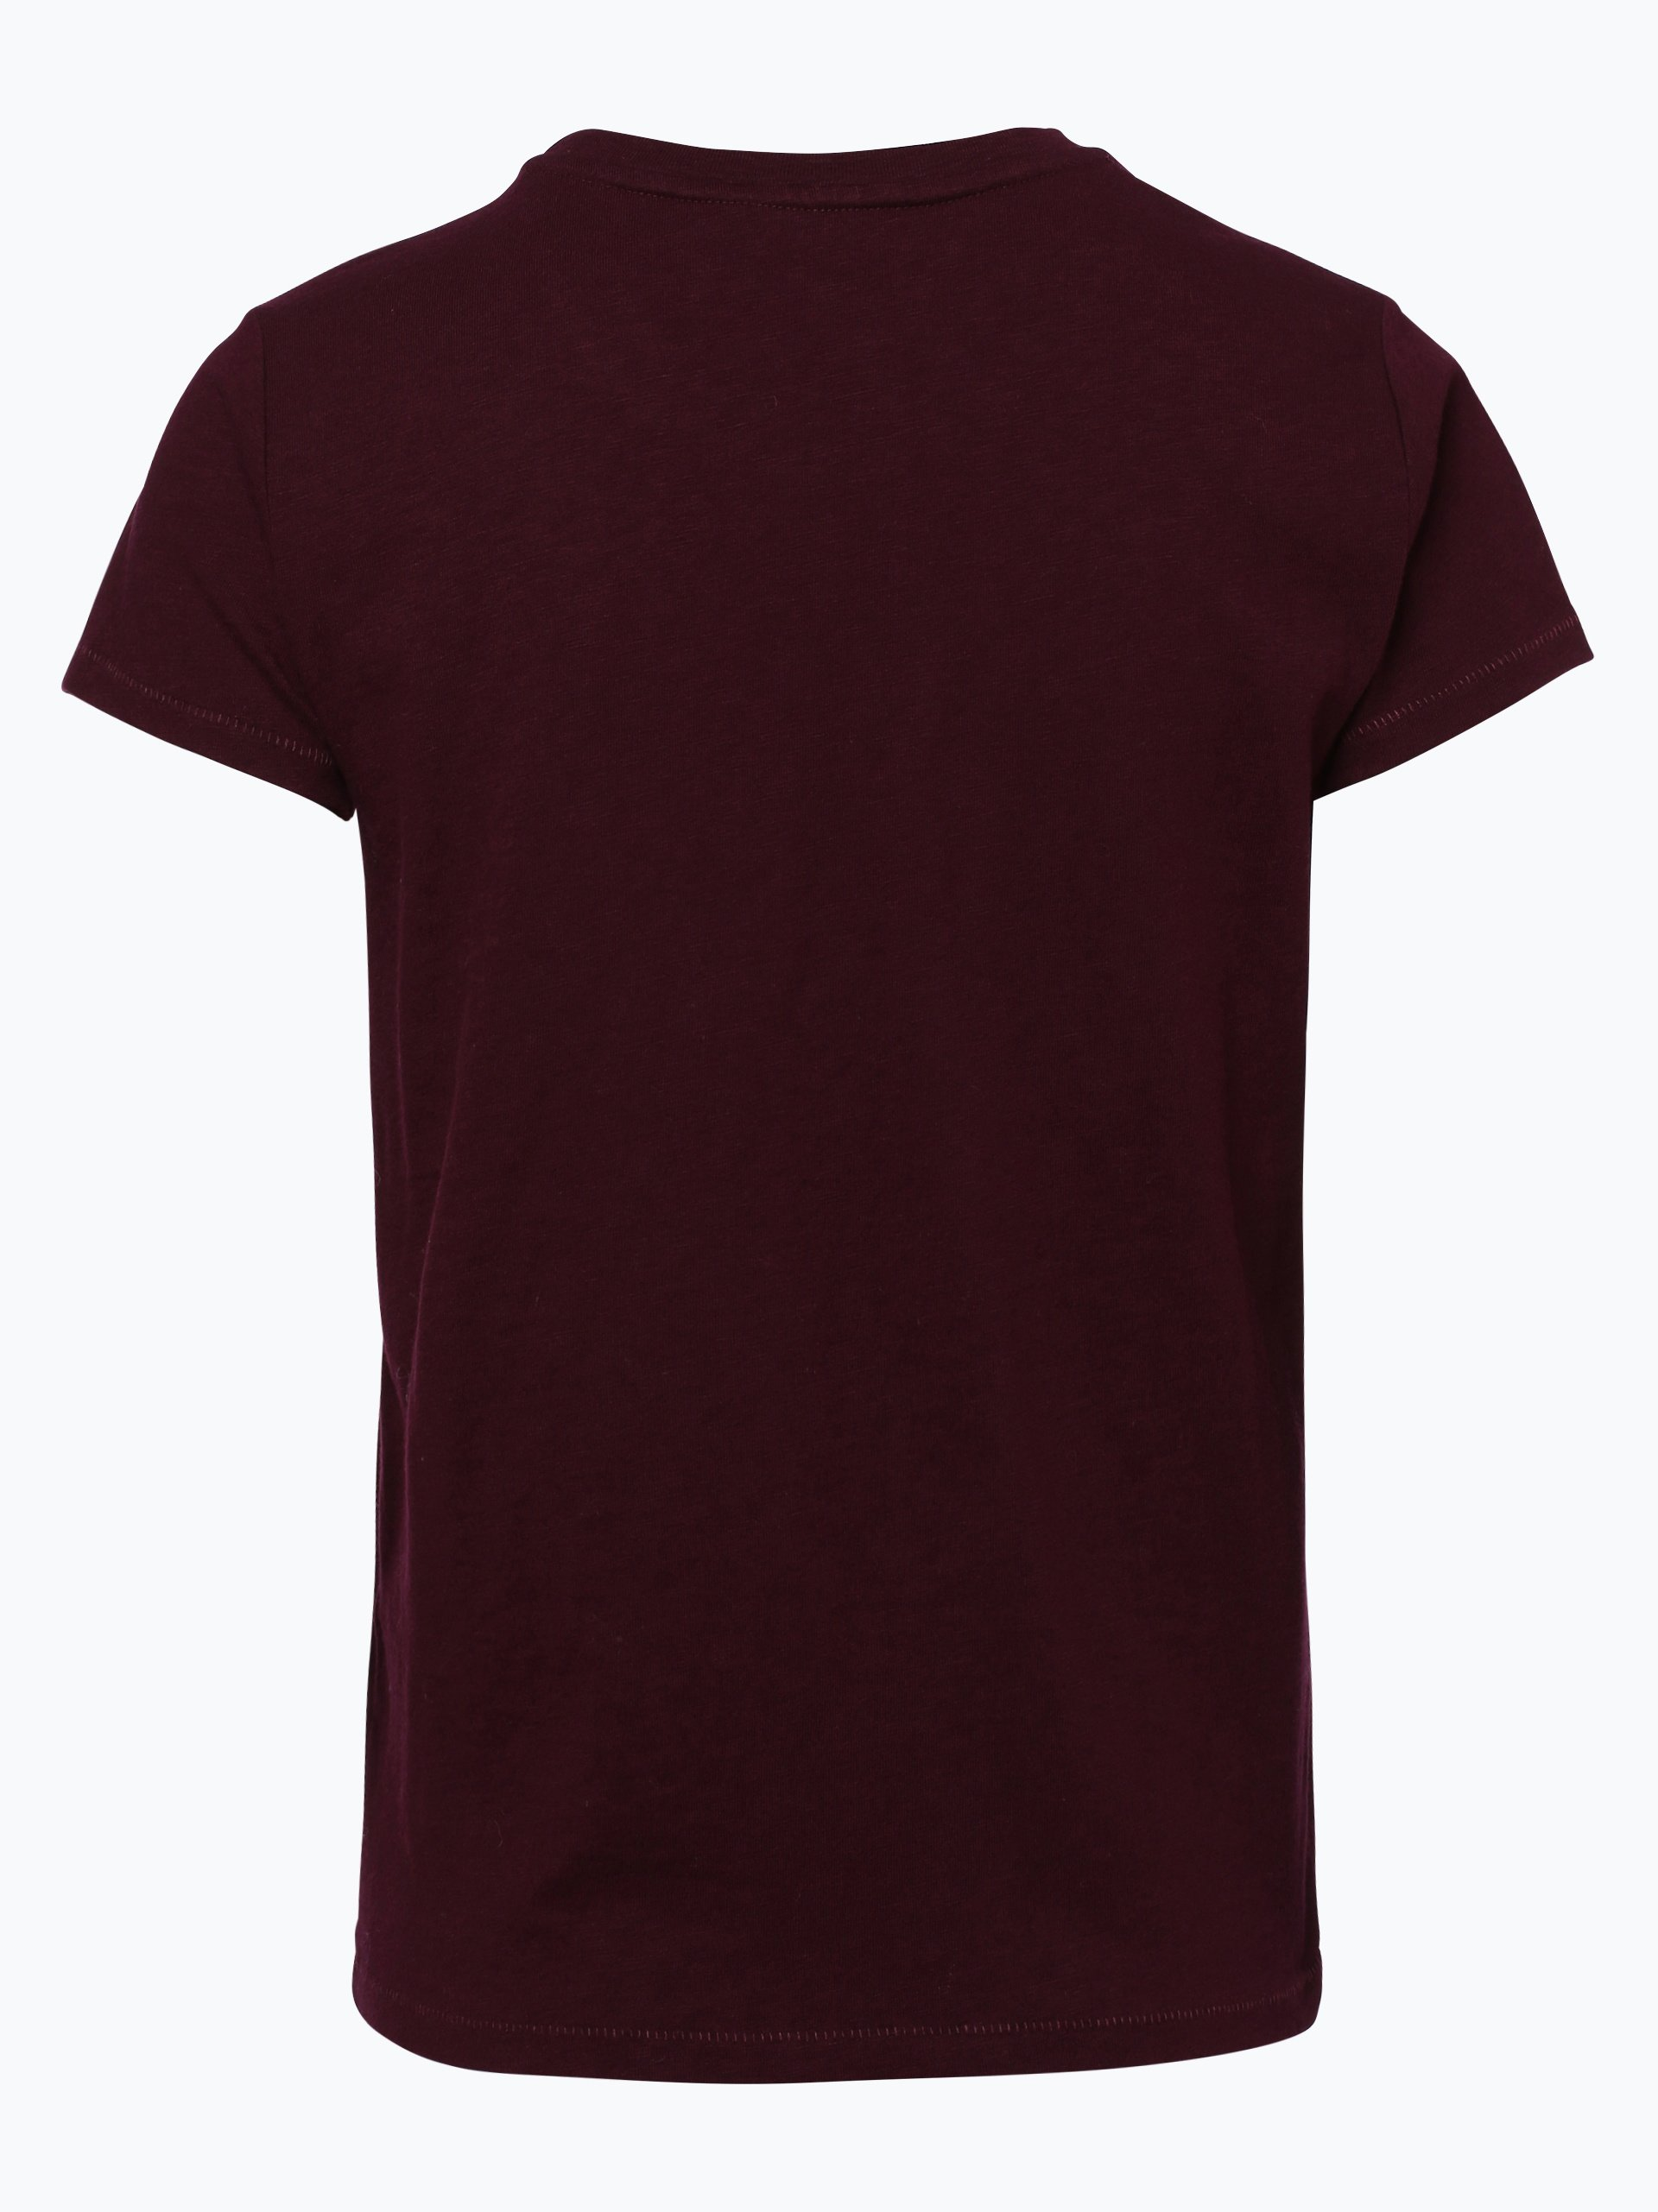 polo ralph lauren damen t shirt bordeaux gemustert online kaufen vangraaf com. Black Bedroom Furniture Sets. Home Design Ideas